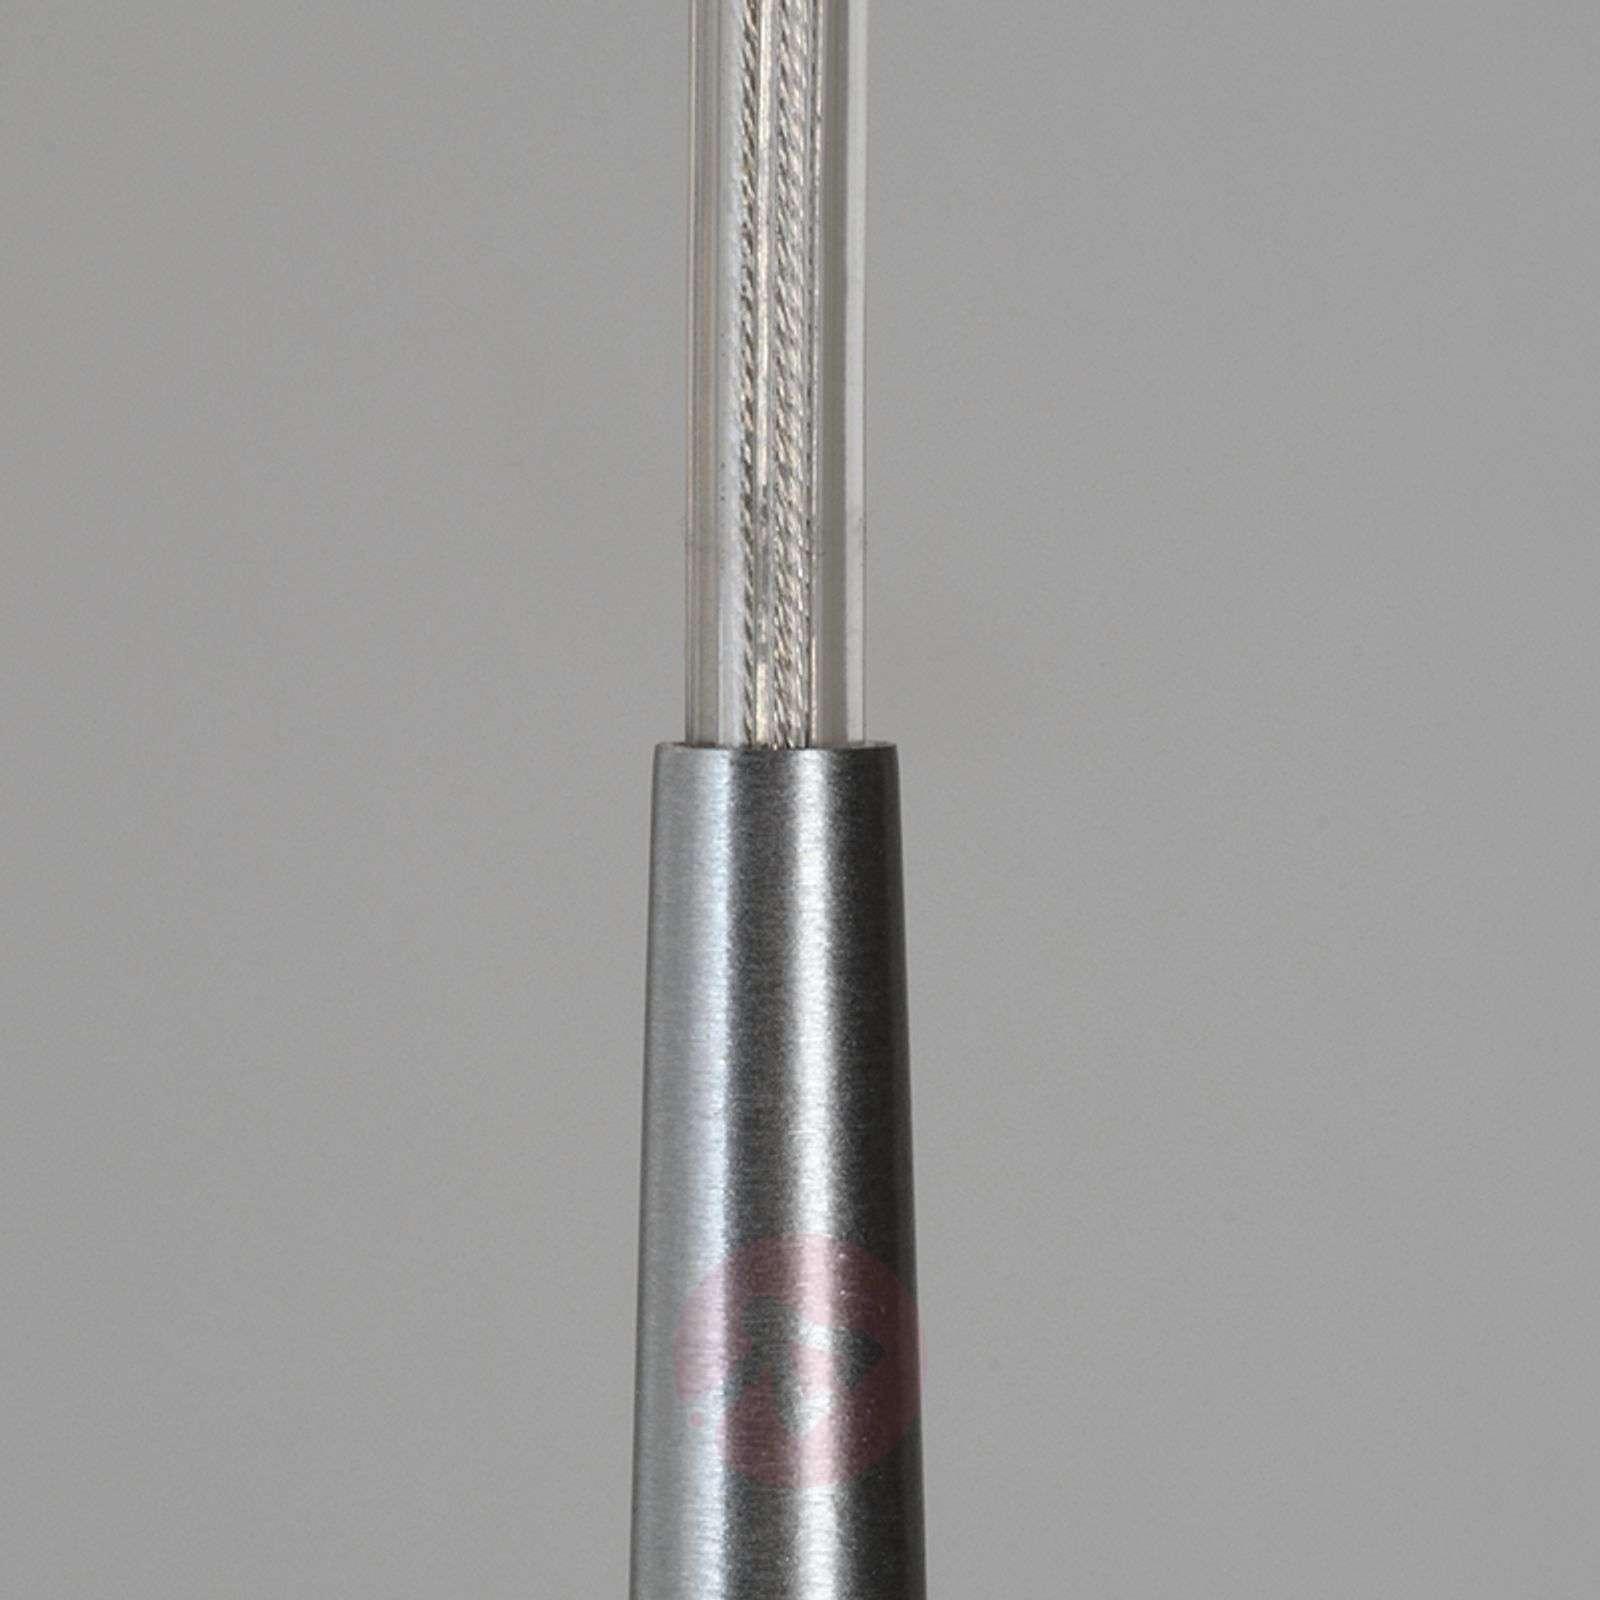 Kolmilamppuinen BALL-riippuvalaisin-2000233-01